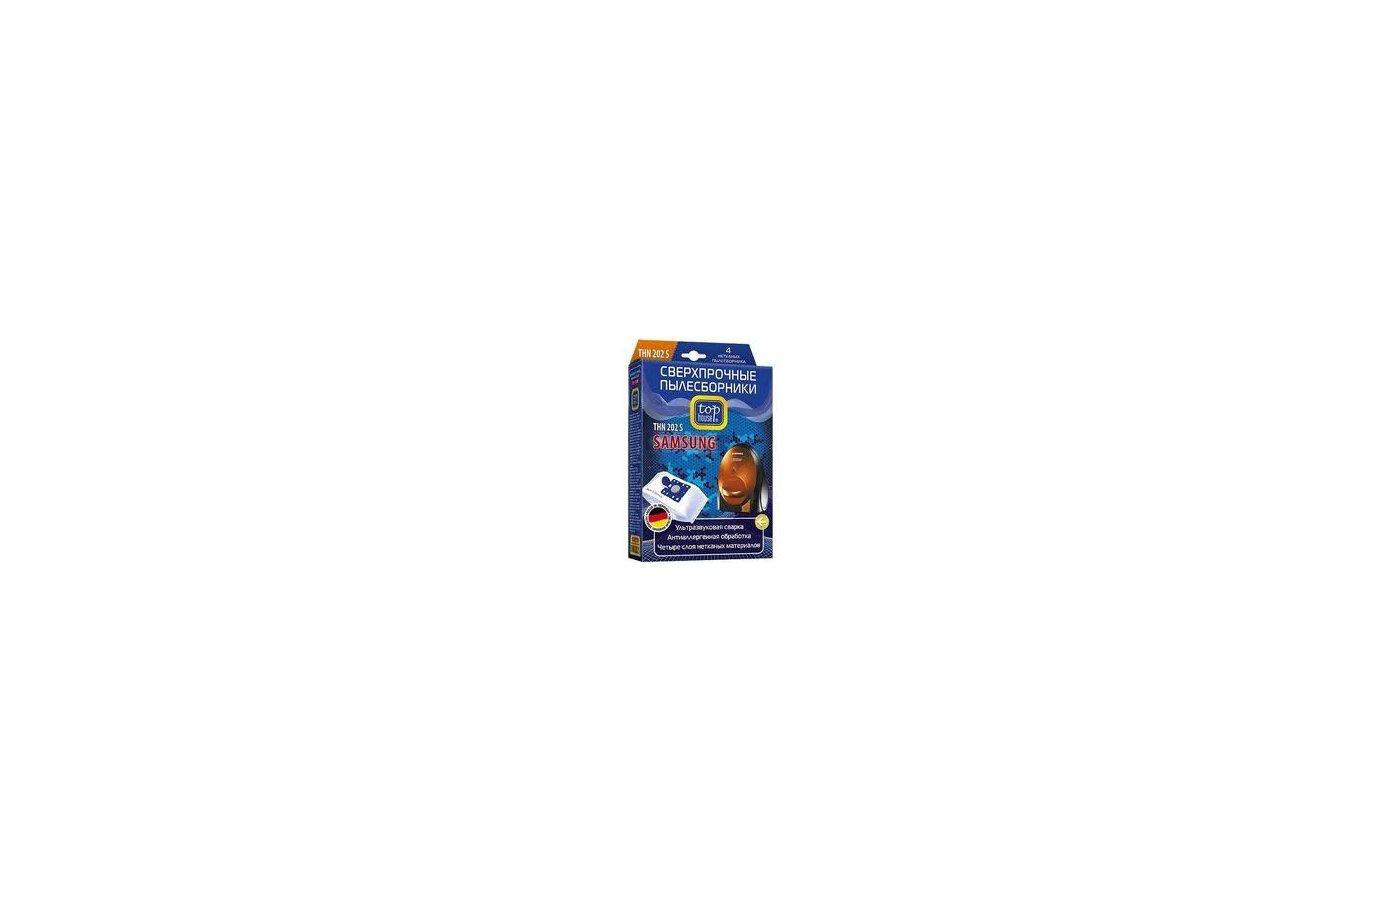 Пылесборники TOP HOUSE 64928 THN 202 S Для Samsung тип VP-95 4 шт + микрофильтр